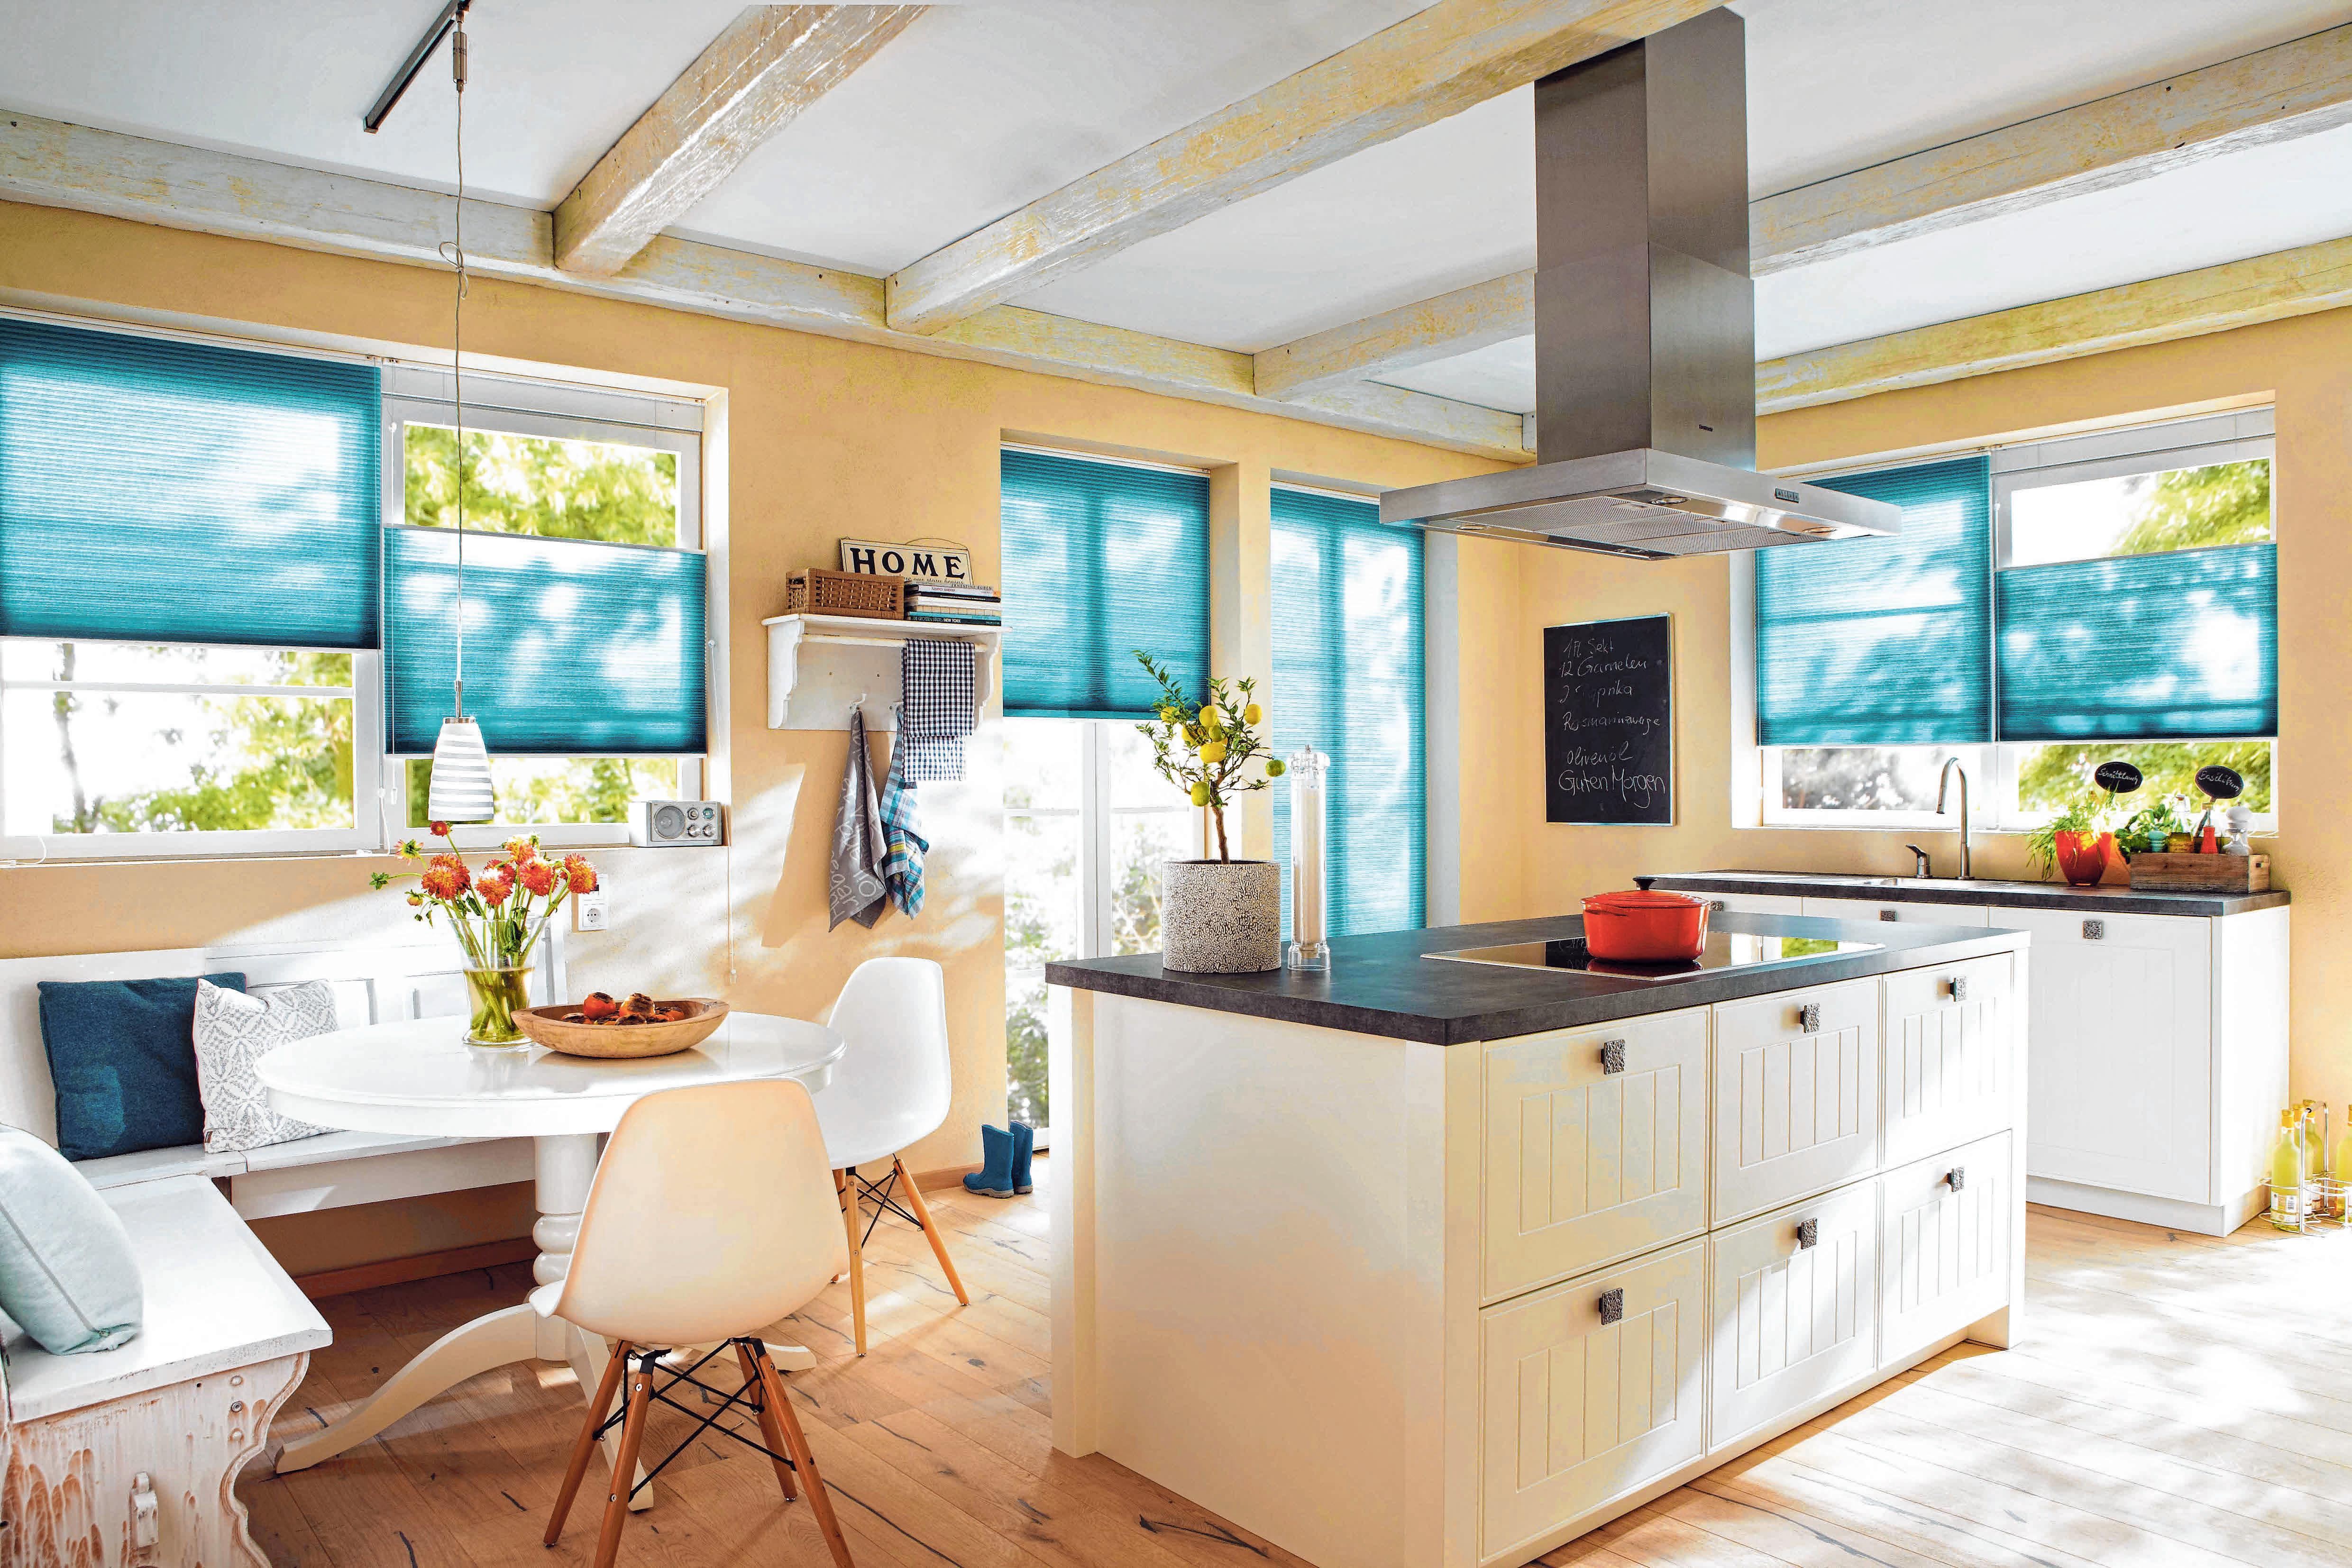 Mit trendigen Farben und individuellen Designs setzt die Fensterdekoration auch optische Akzente<div>im Zuhause. FOTO: DJD/JALOUCITY.DE/HUNTER DOUGLAS</div>